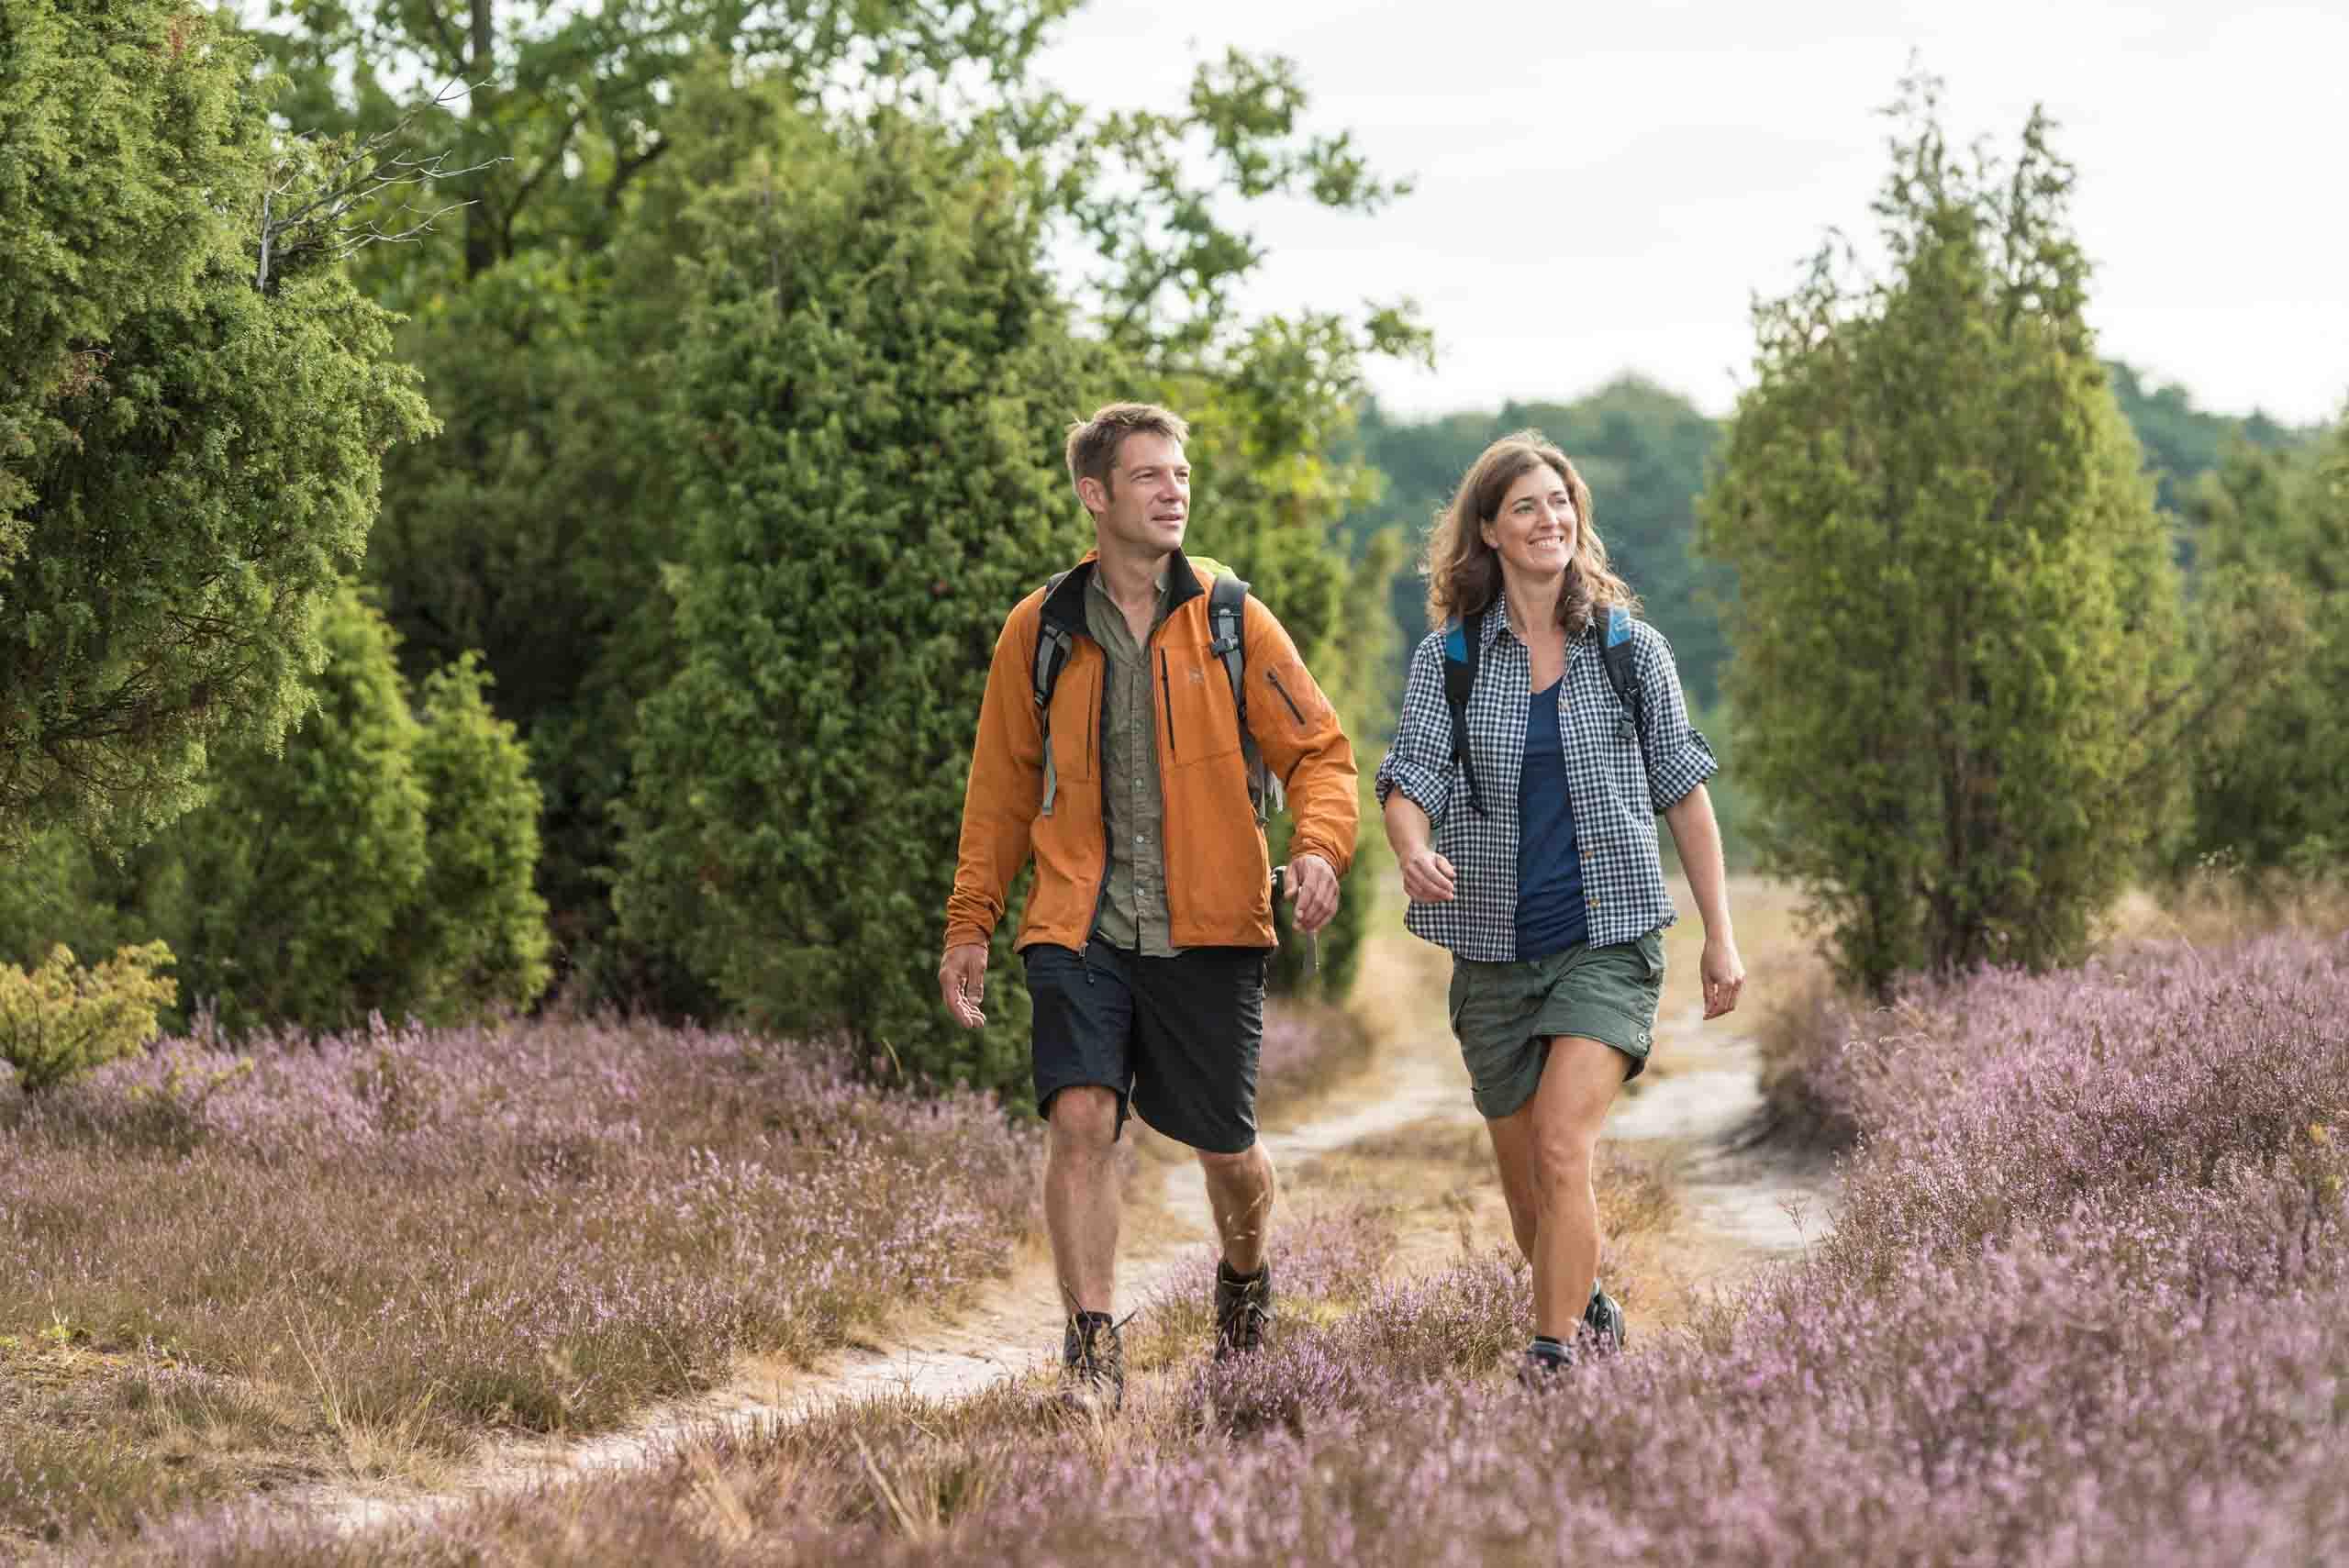 Wandern im Wacholderwald bei Schmarbeck